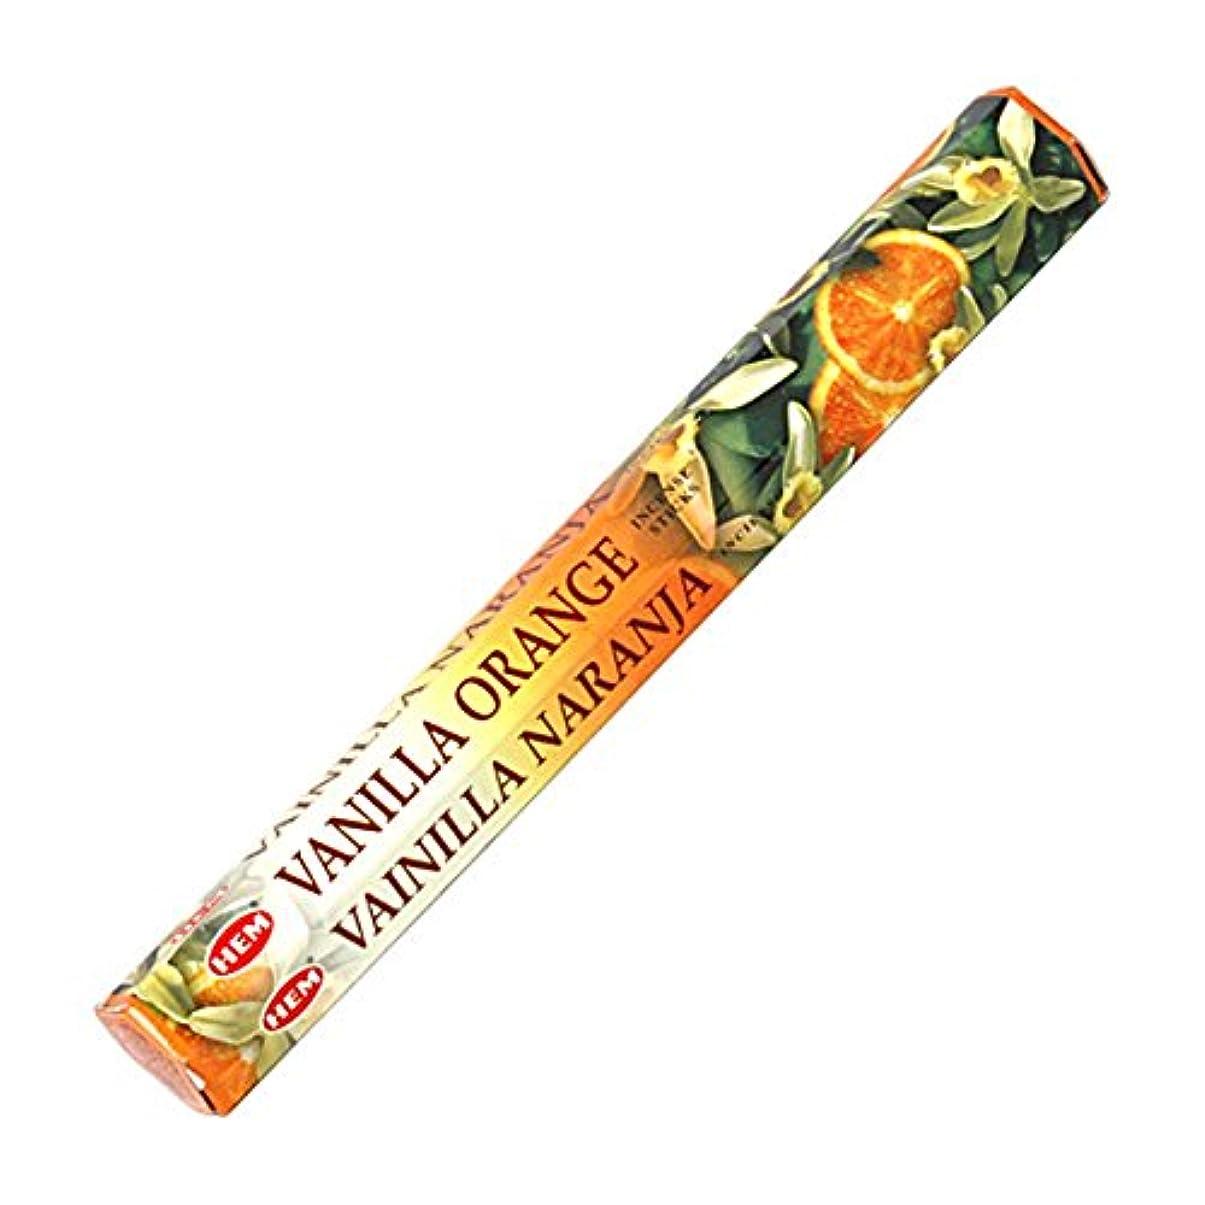 条件付き不要論理的HEM(ヘム) バニラオレンジ VANILLA ORANGE スティックタイプ お香 1筒 単品 [並行輸入品]